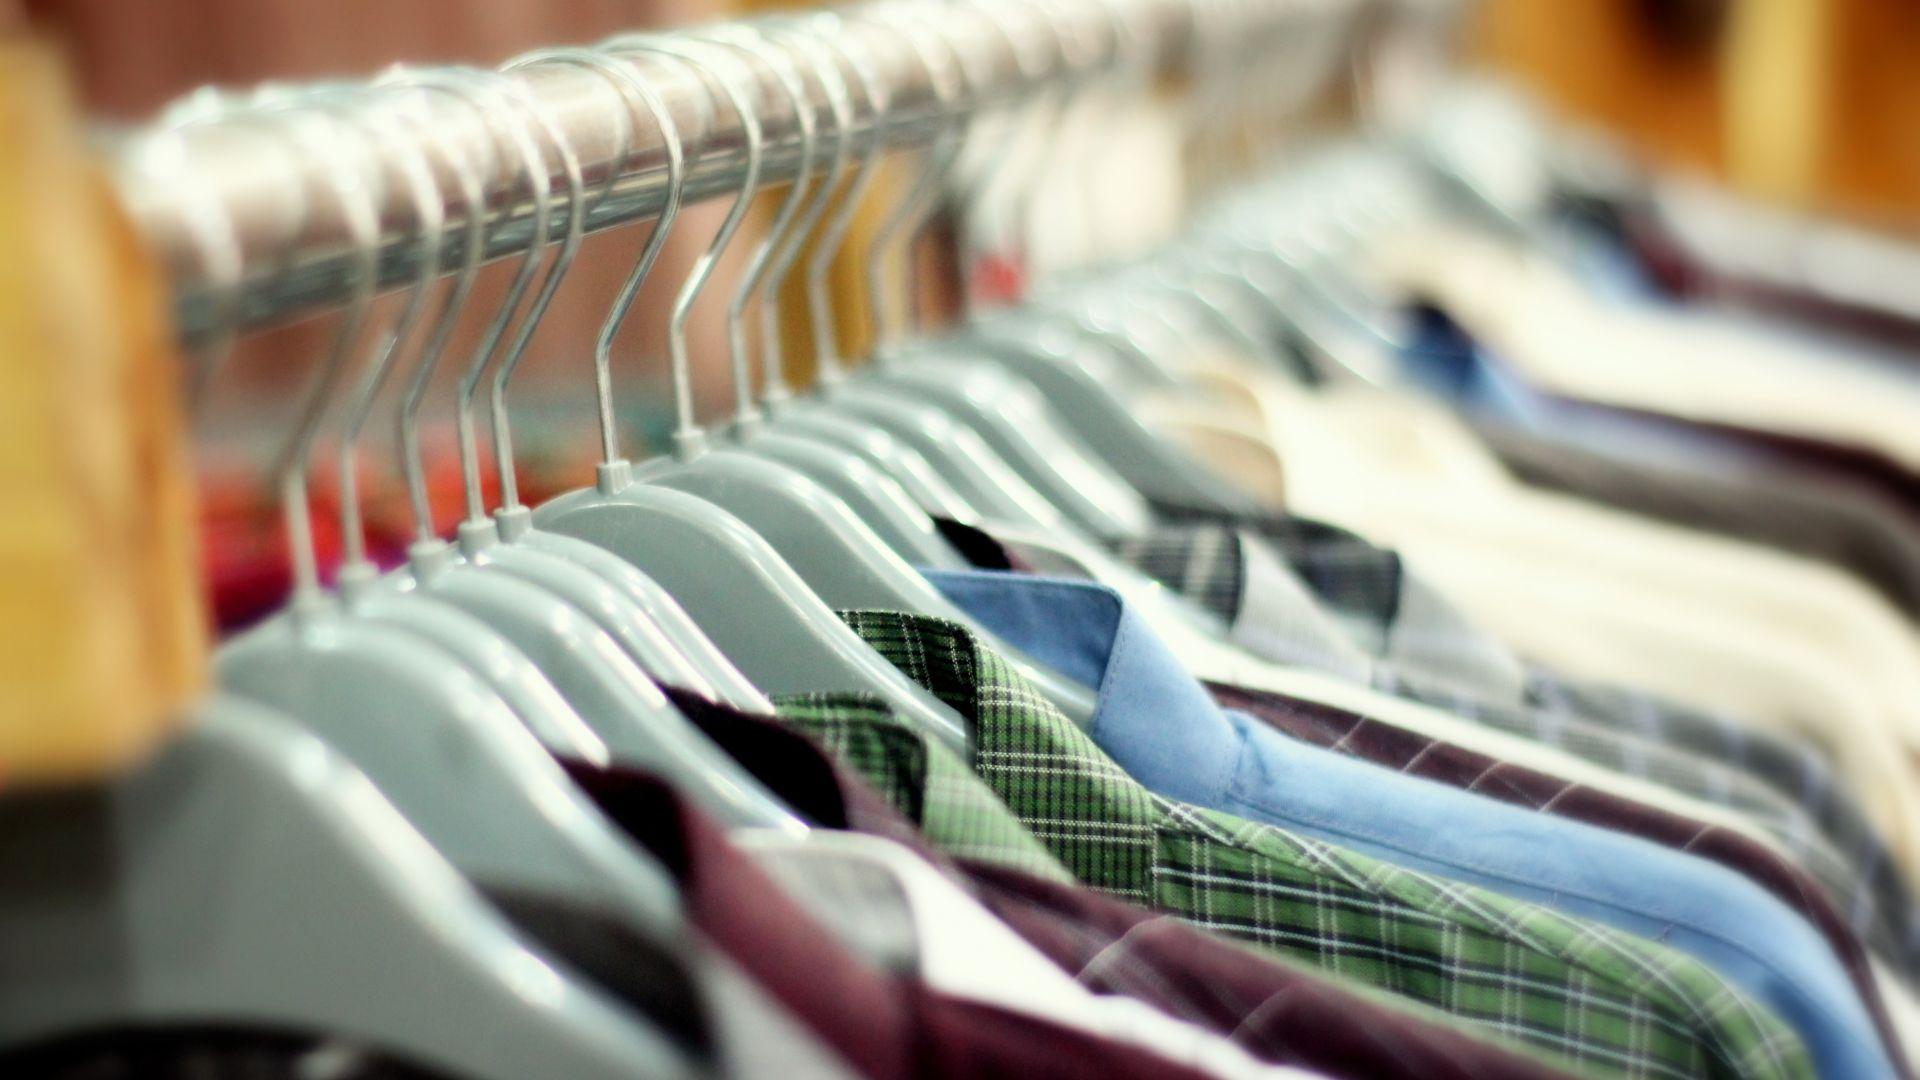 Текстилни фабрики в Бангладеш отвориха въпреки карантината